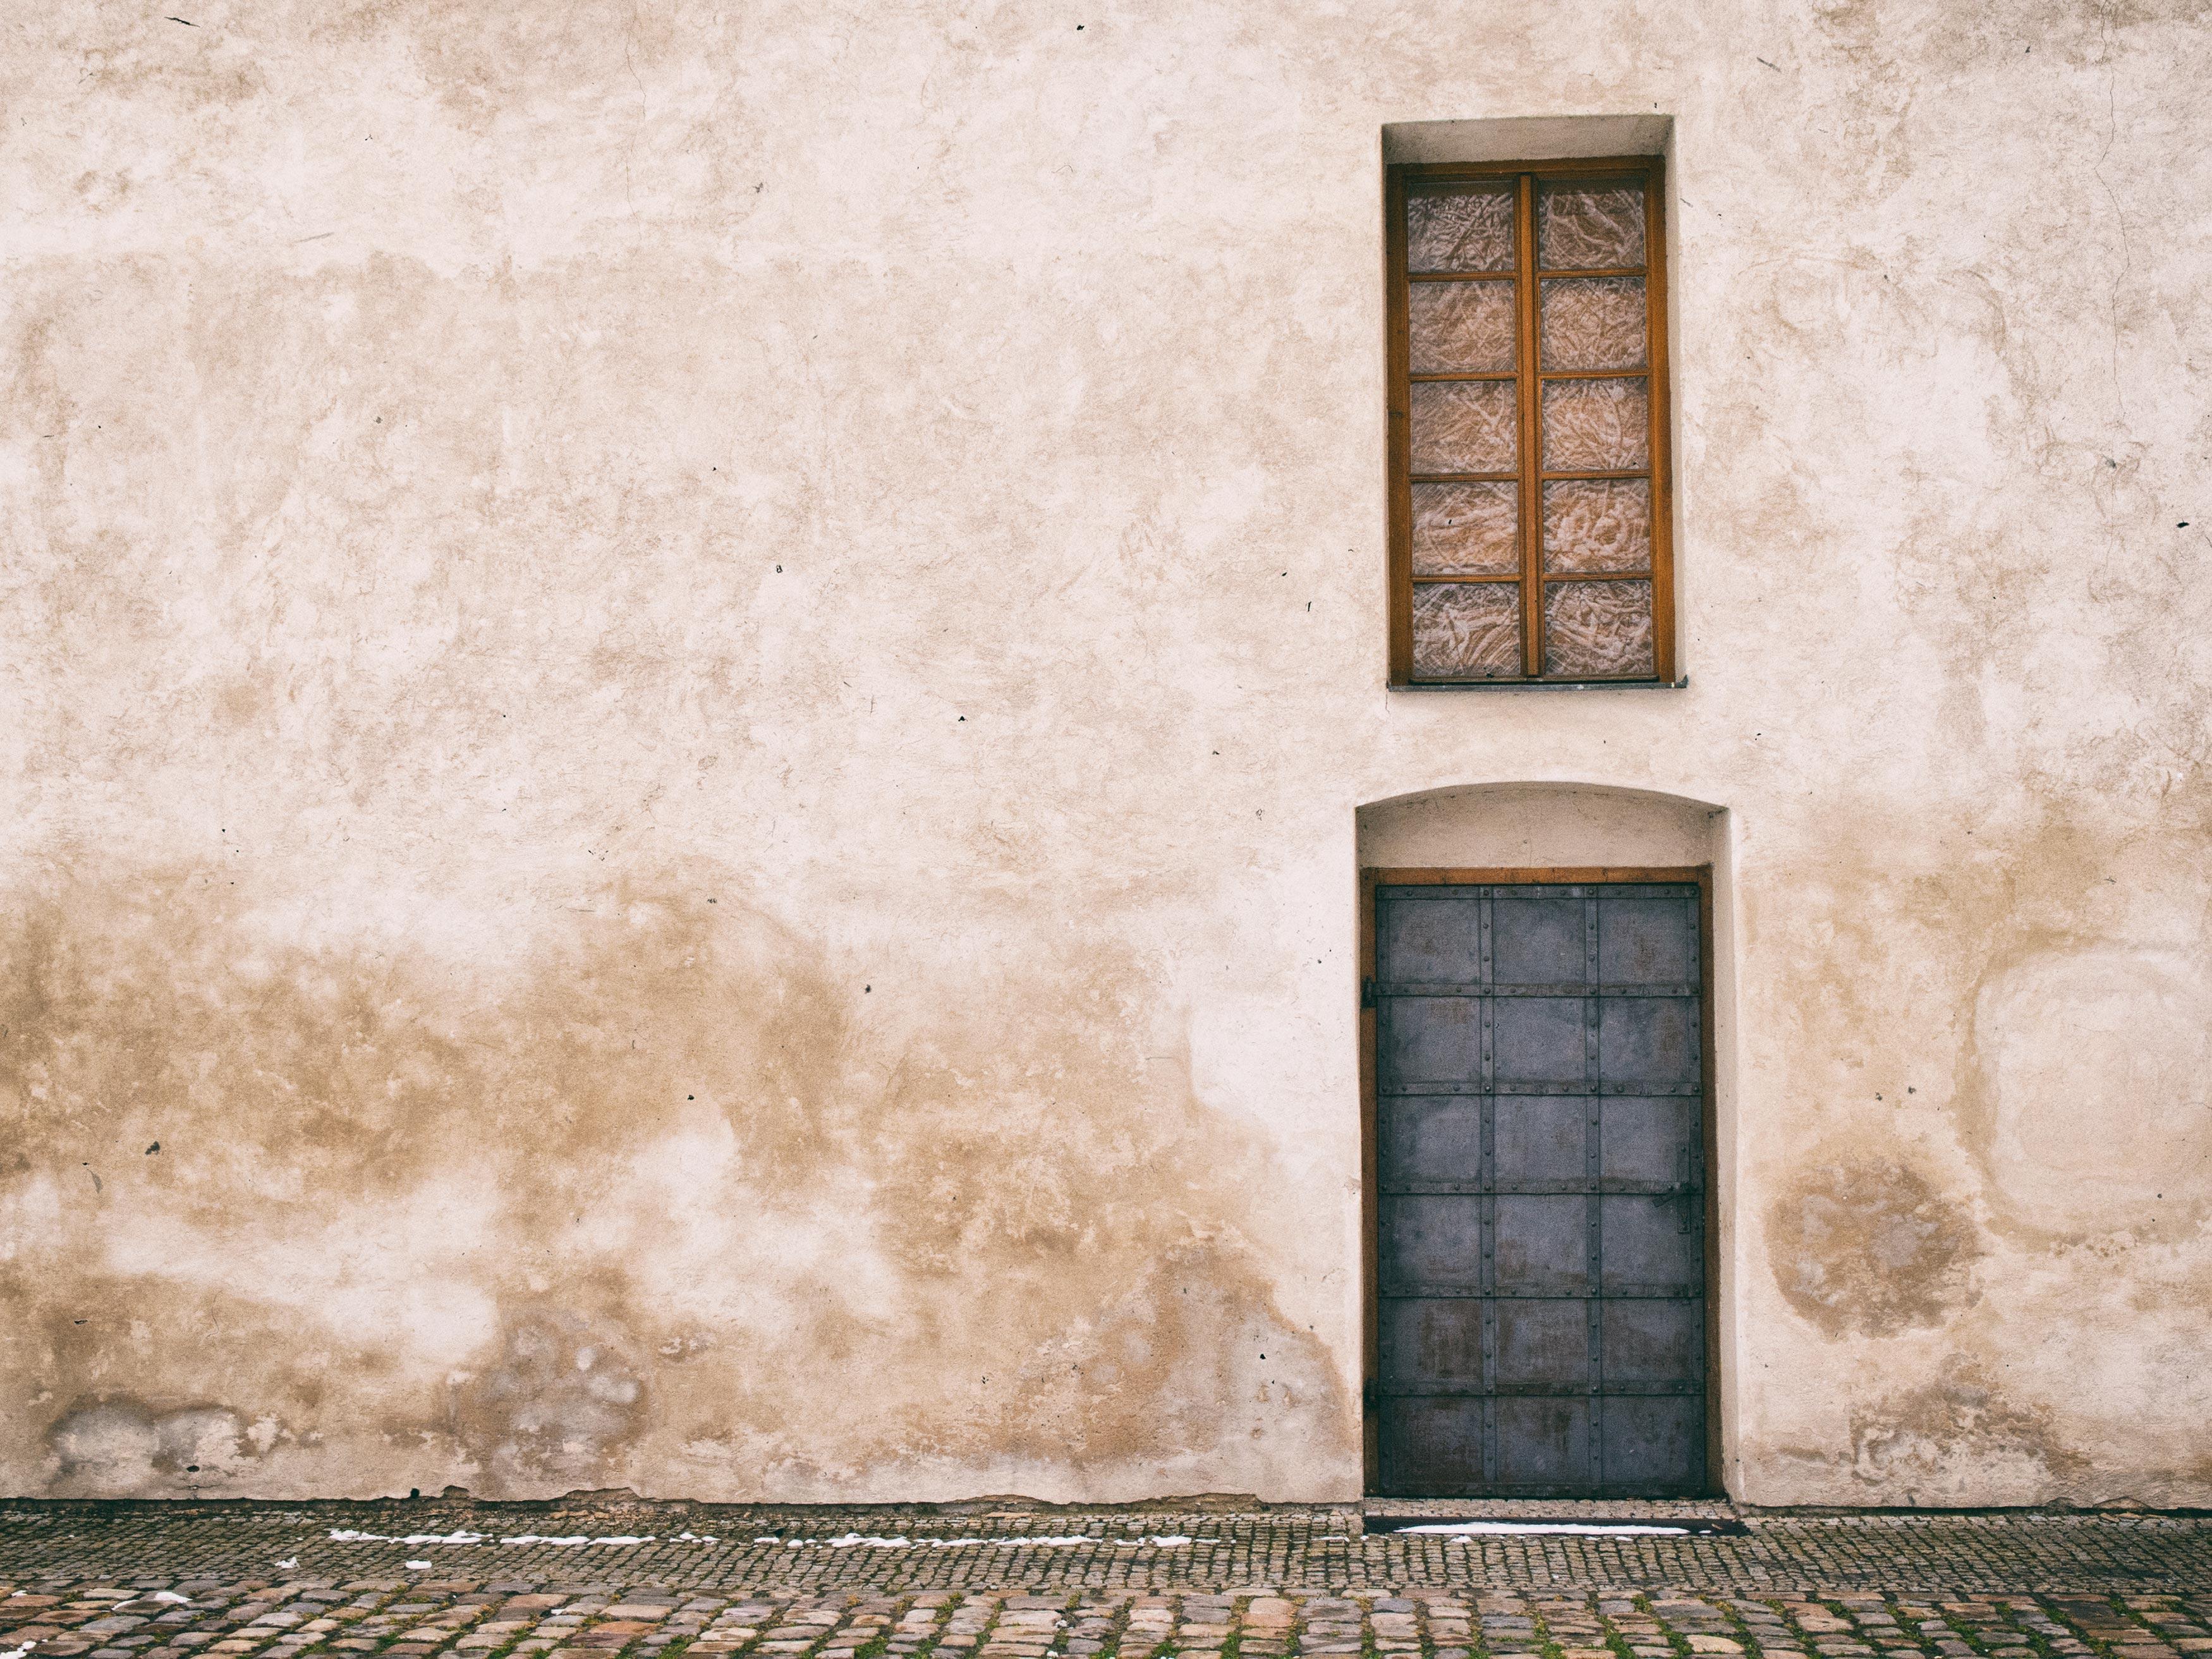 Old door and window in prague free stock photos for Door with window in it